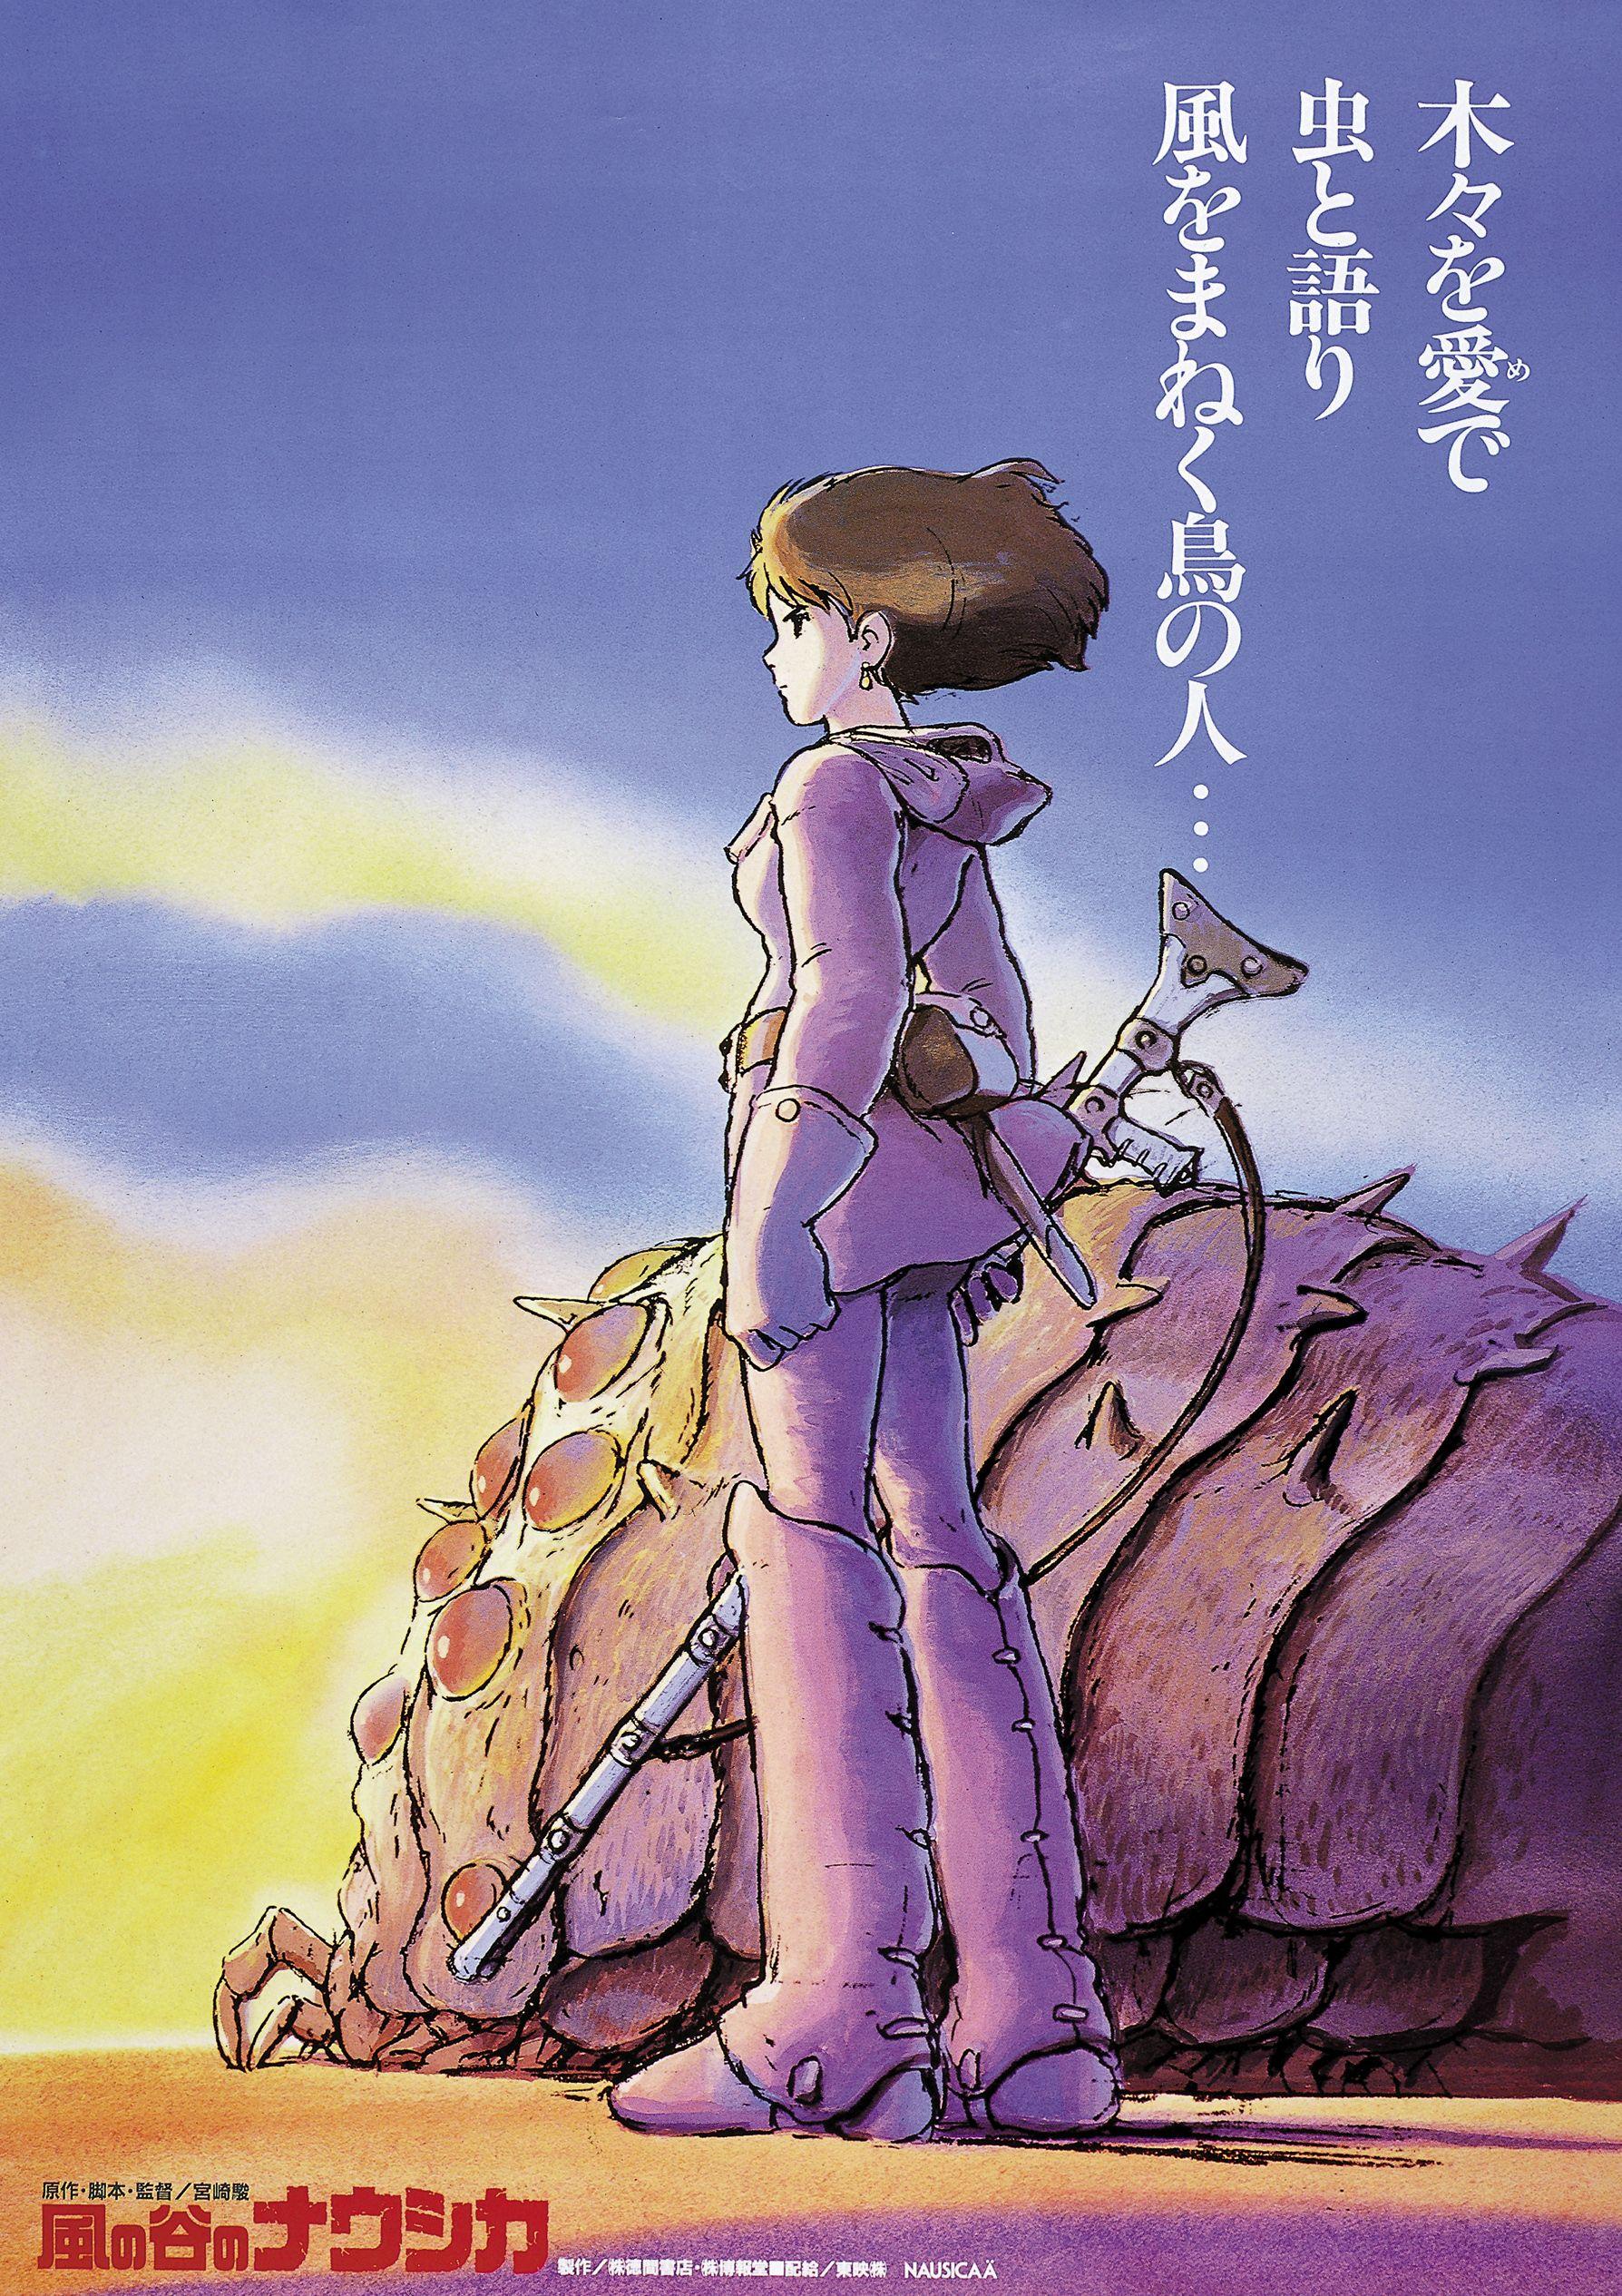 風の谷のナウシカ (Kaze no Tani no Naushika) theatrical poster.